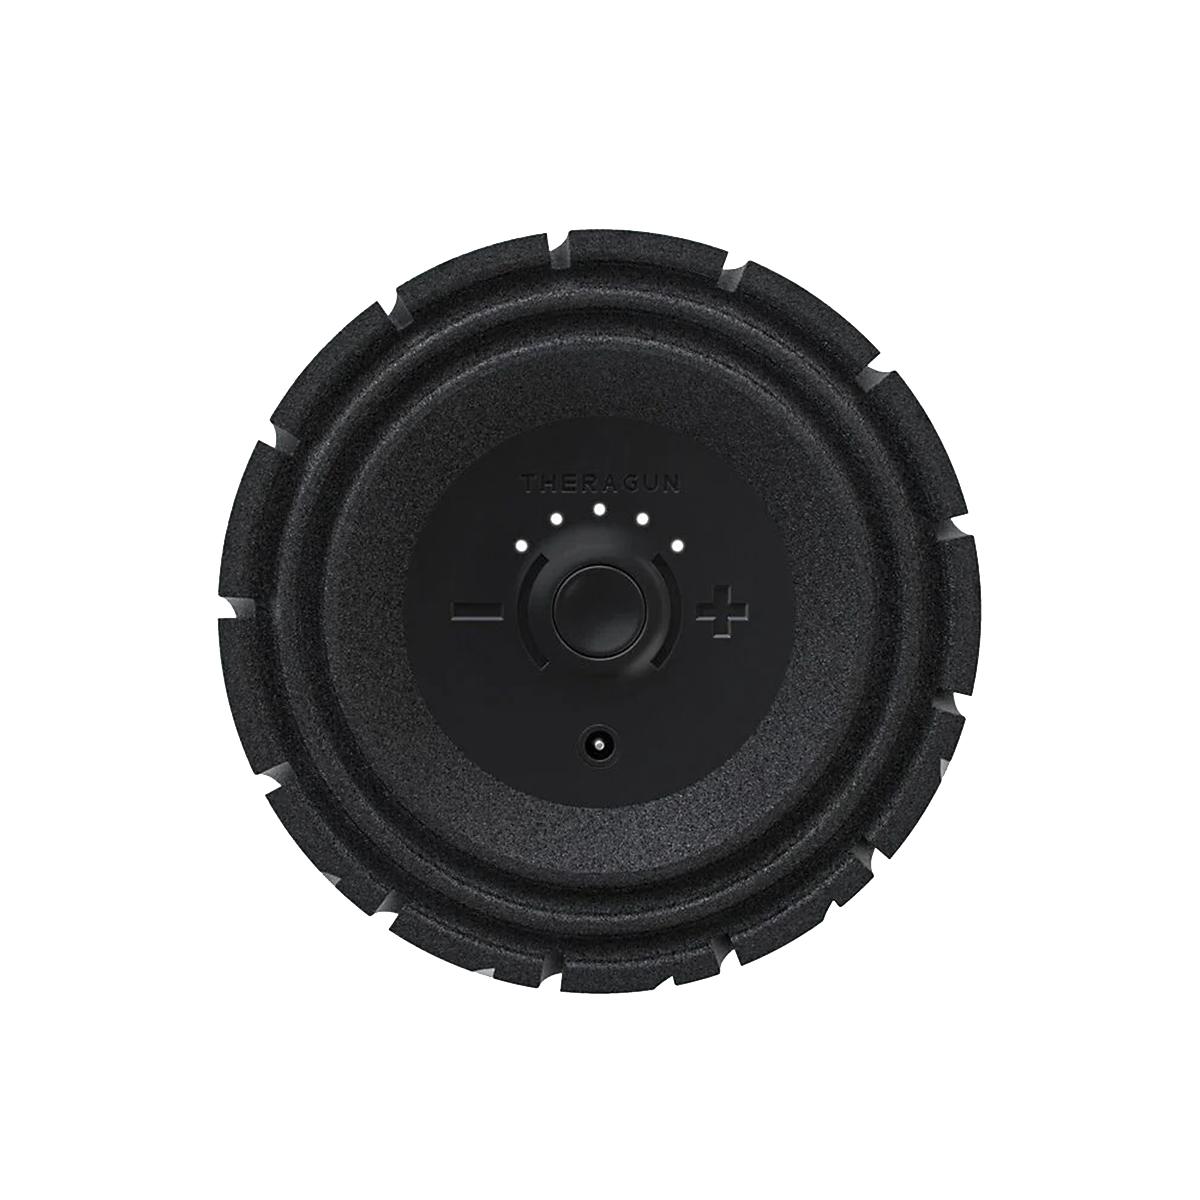 Theragun Waveroller - Color: Black, Black, large, image 3